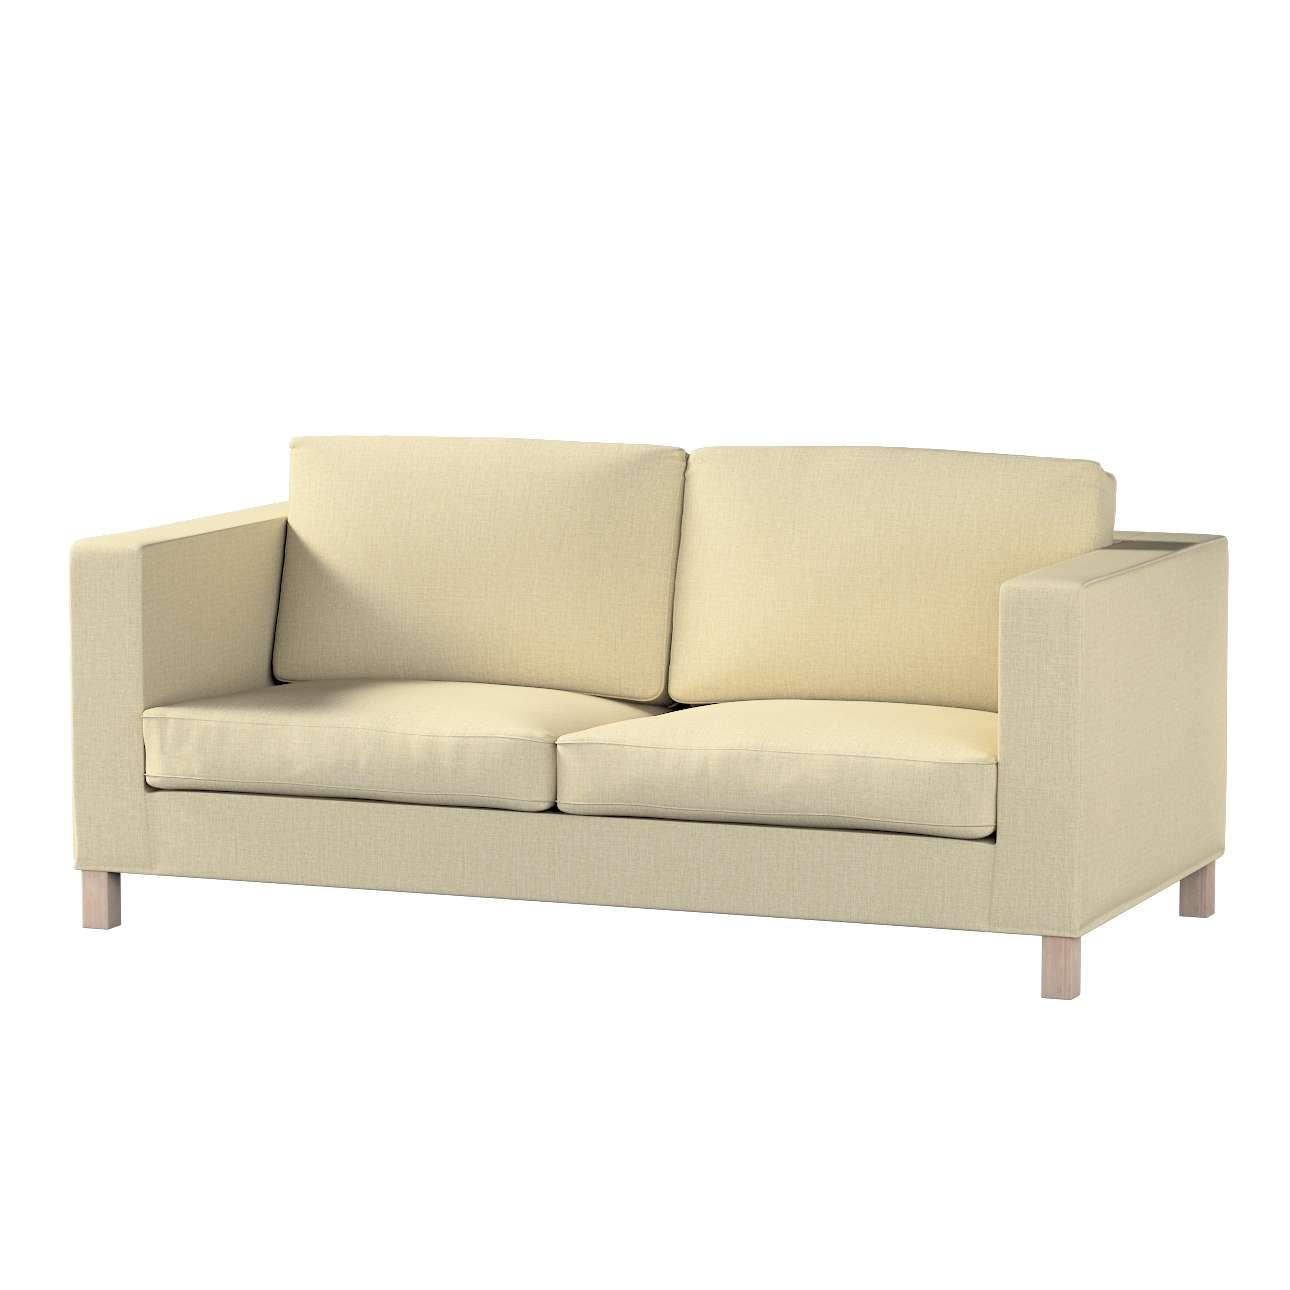 Potah na pohovku IKEA  Karlanda rozkládací, krátký v kolekci Living, látka: 161-45